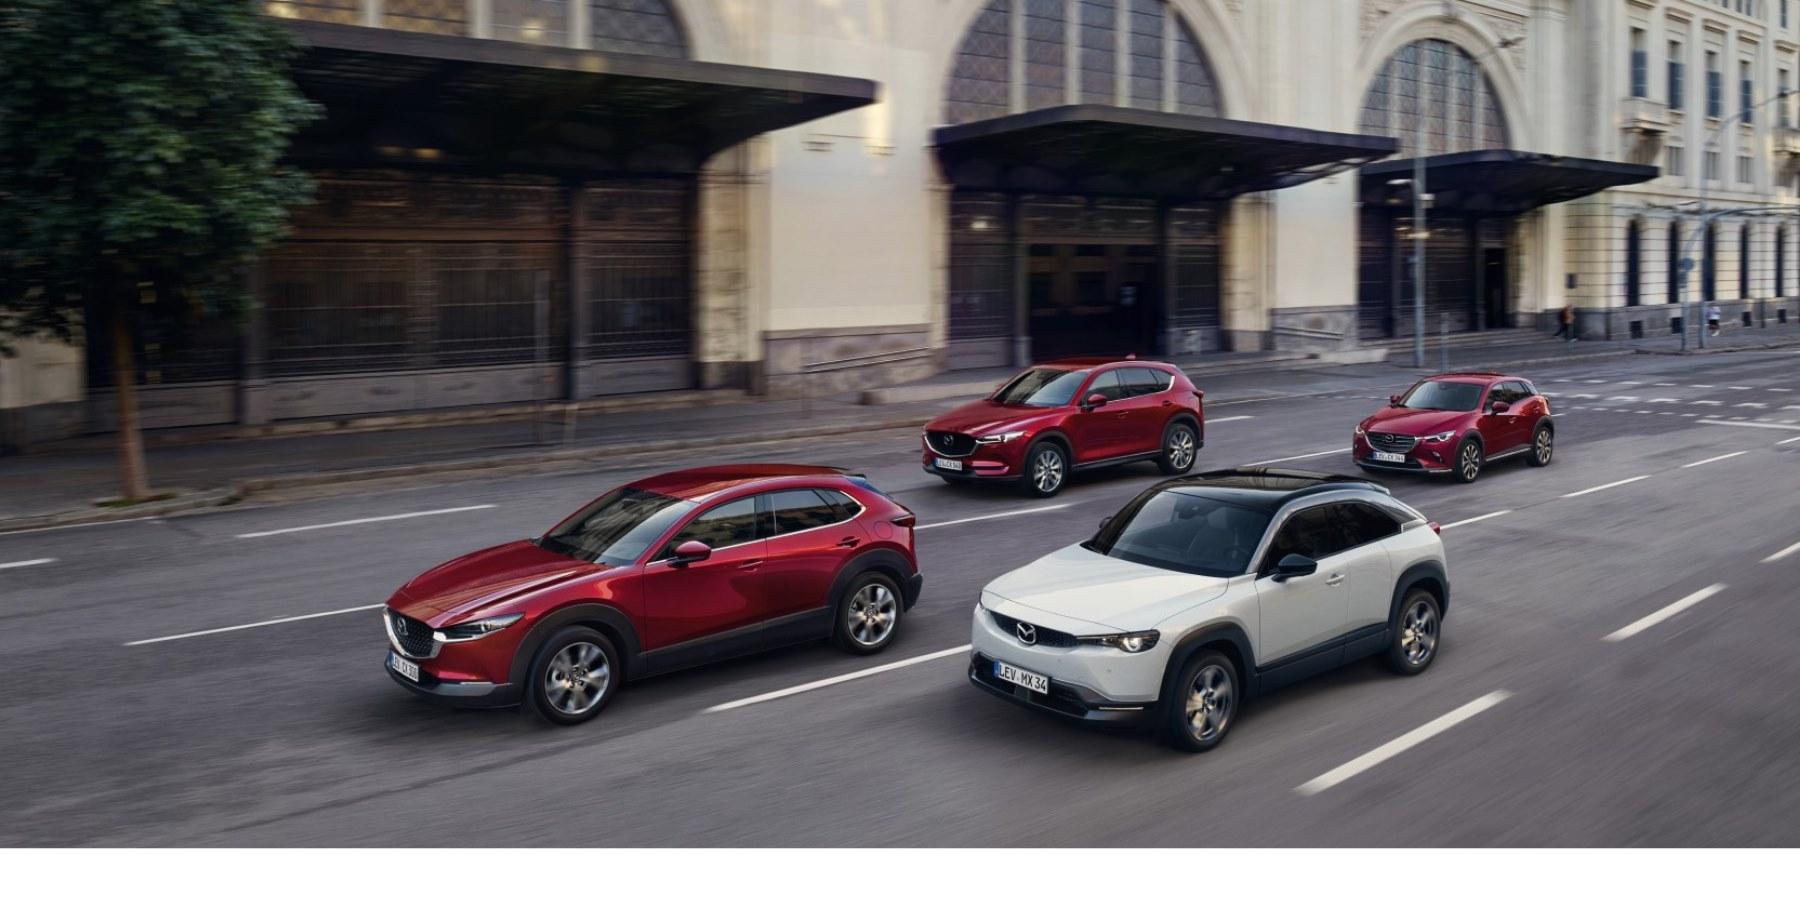 noua gamă de SUV-uri Mazda